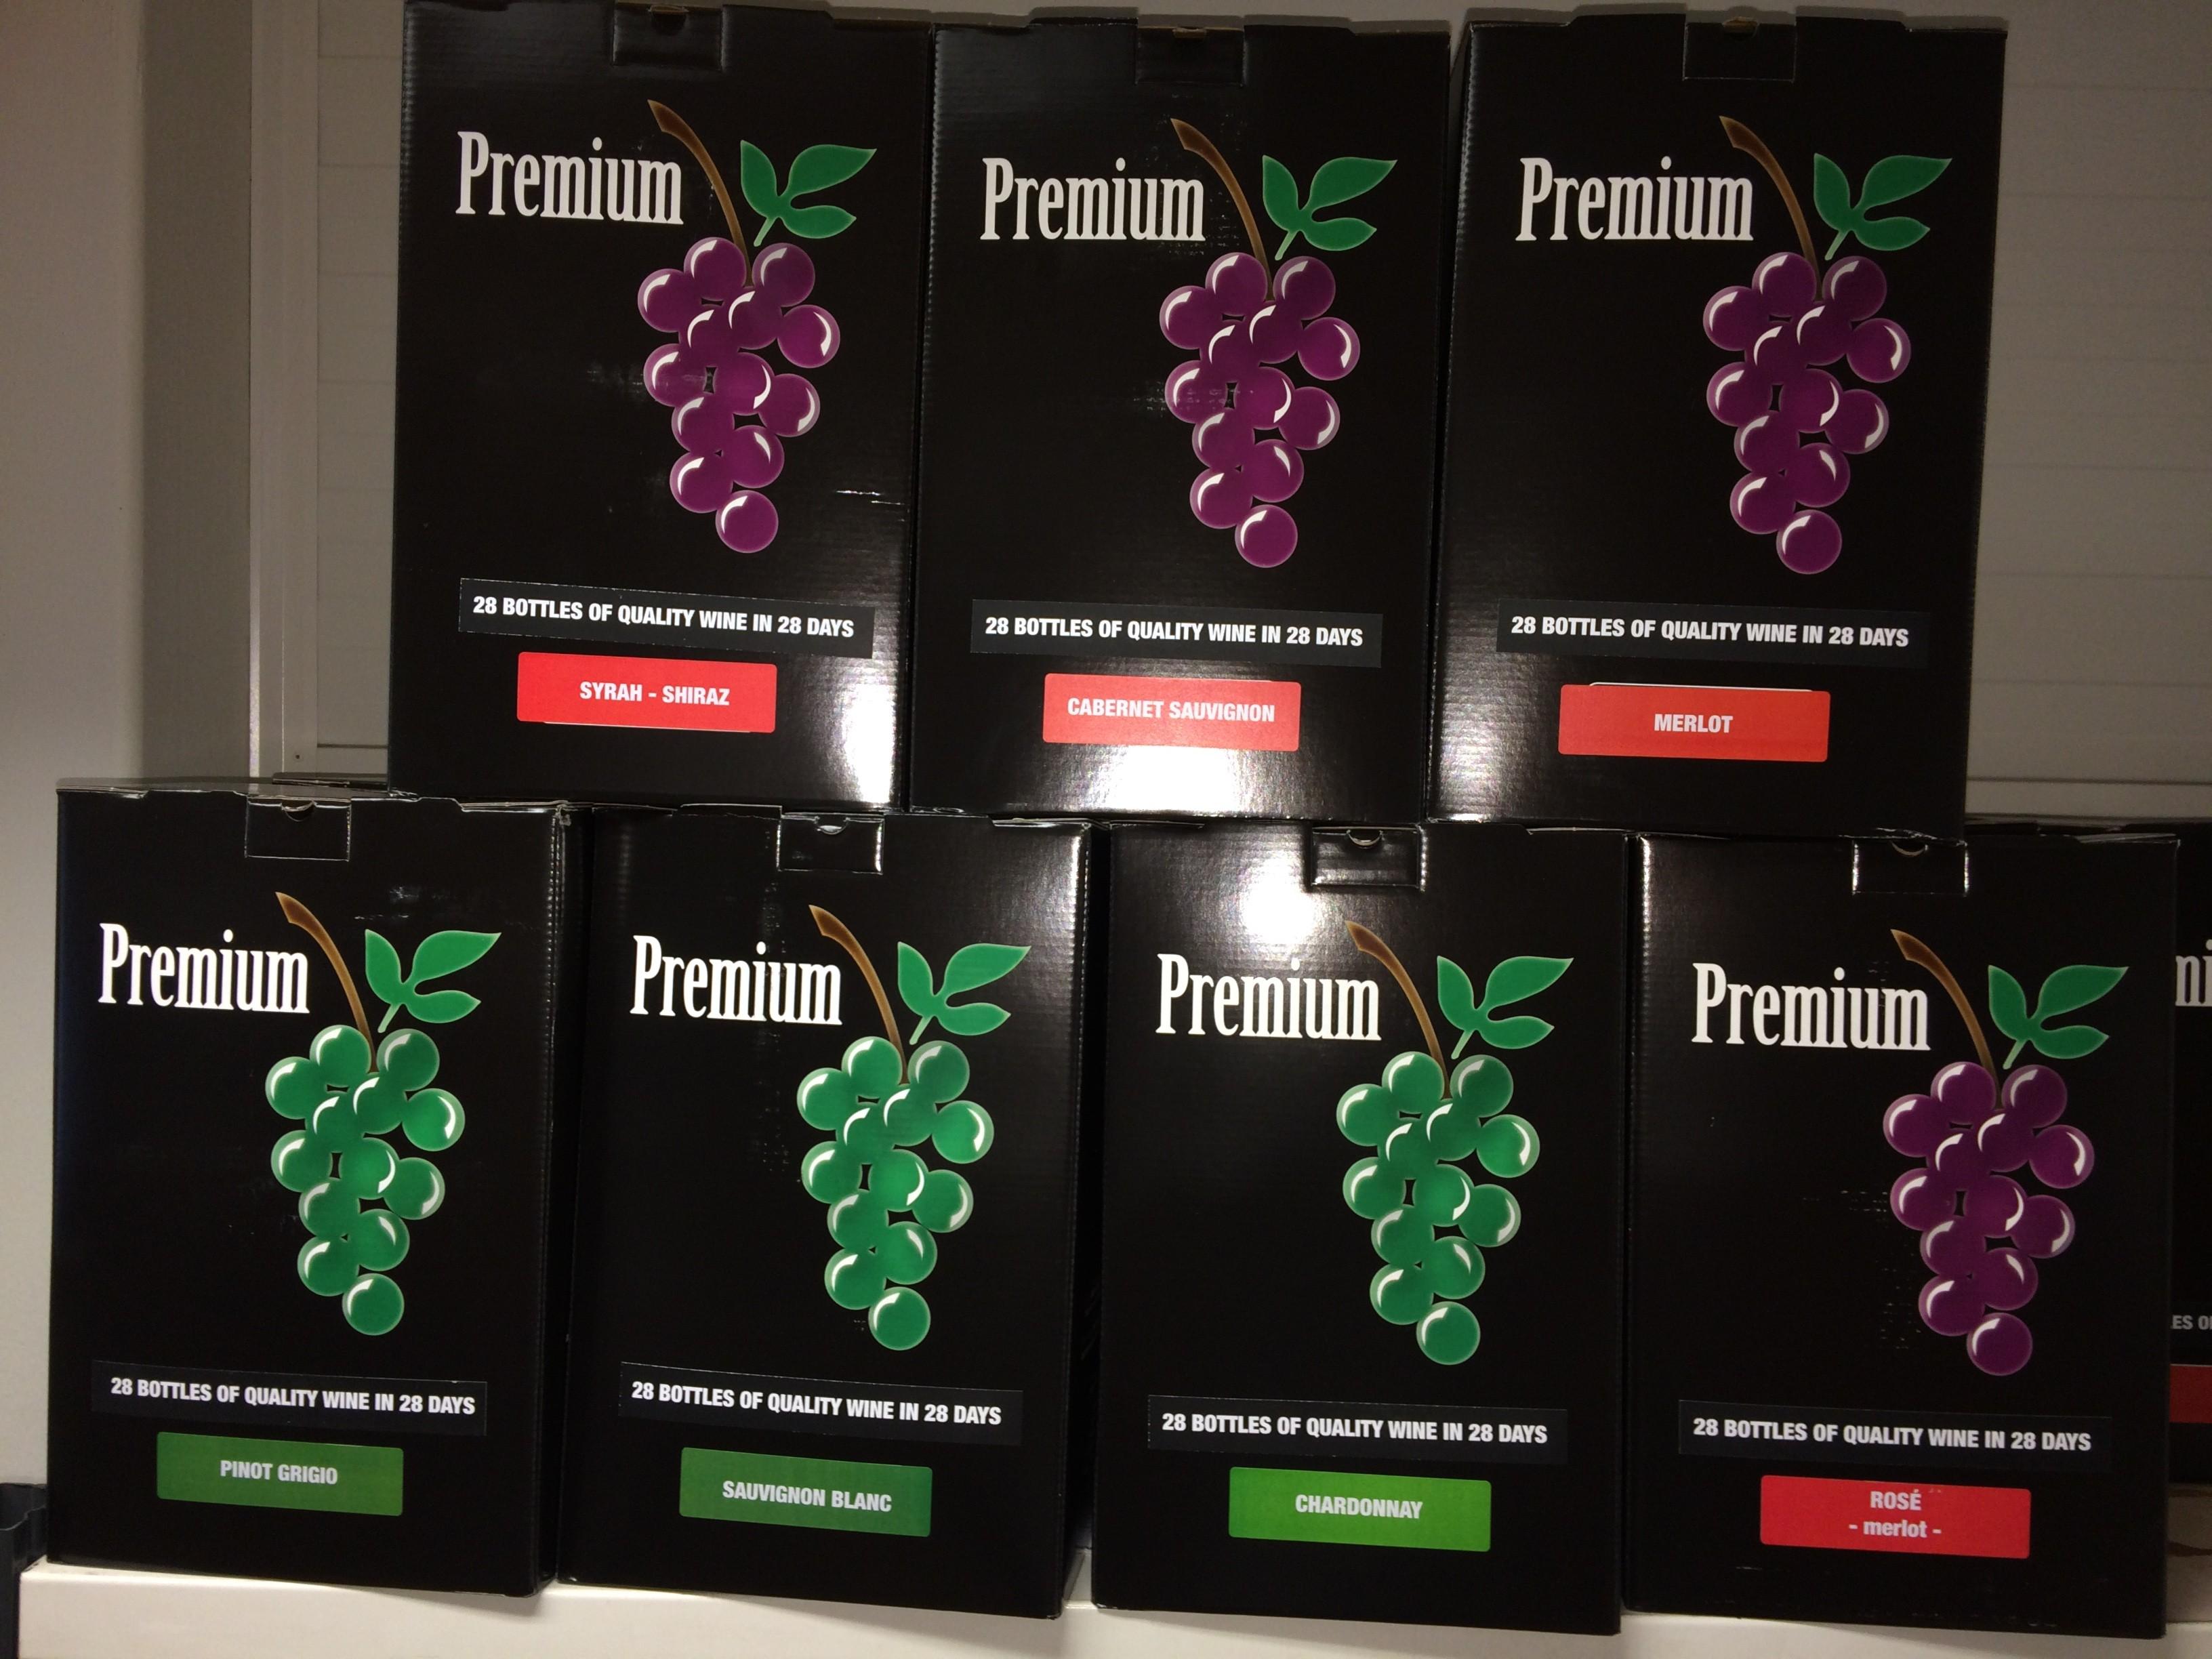 PREMIUM Pinot Grigio 5,3l